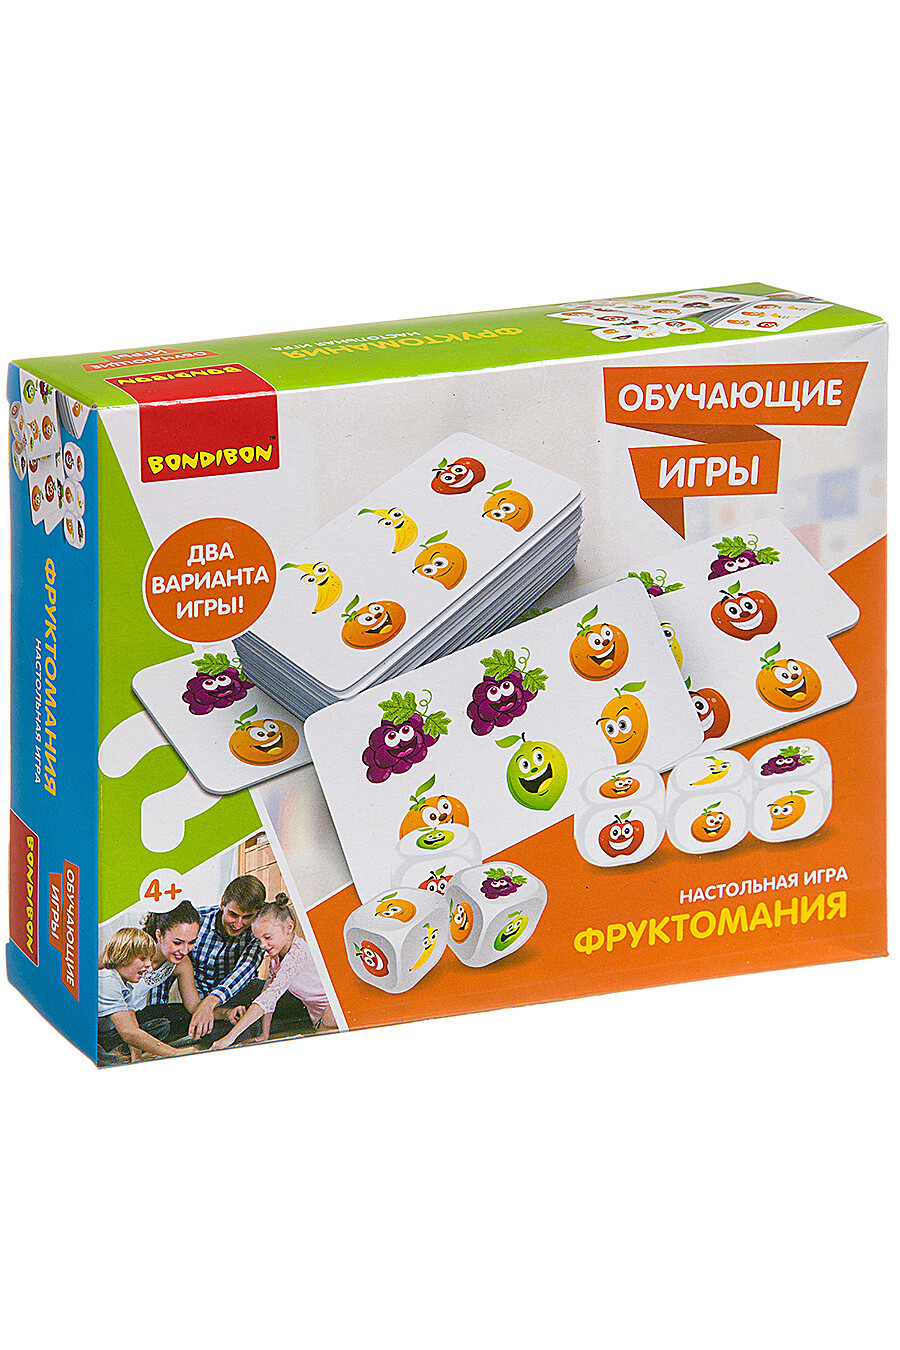 Обучающая игра для детей BONDIBON 157623 купить оптом от производителя. Совместная покупка игрушек в OptMoyo